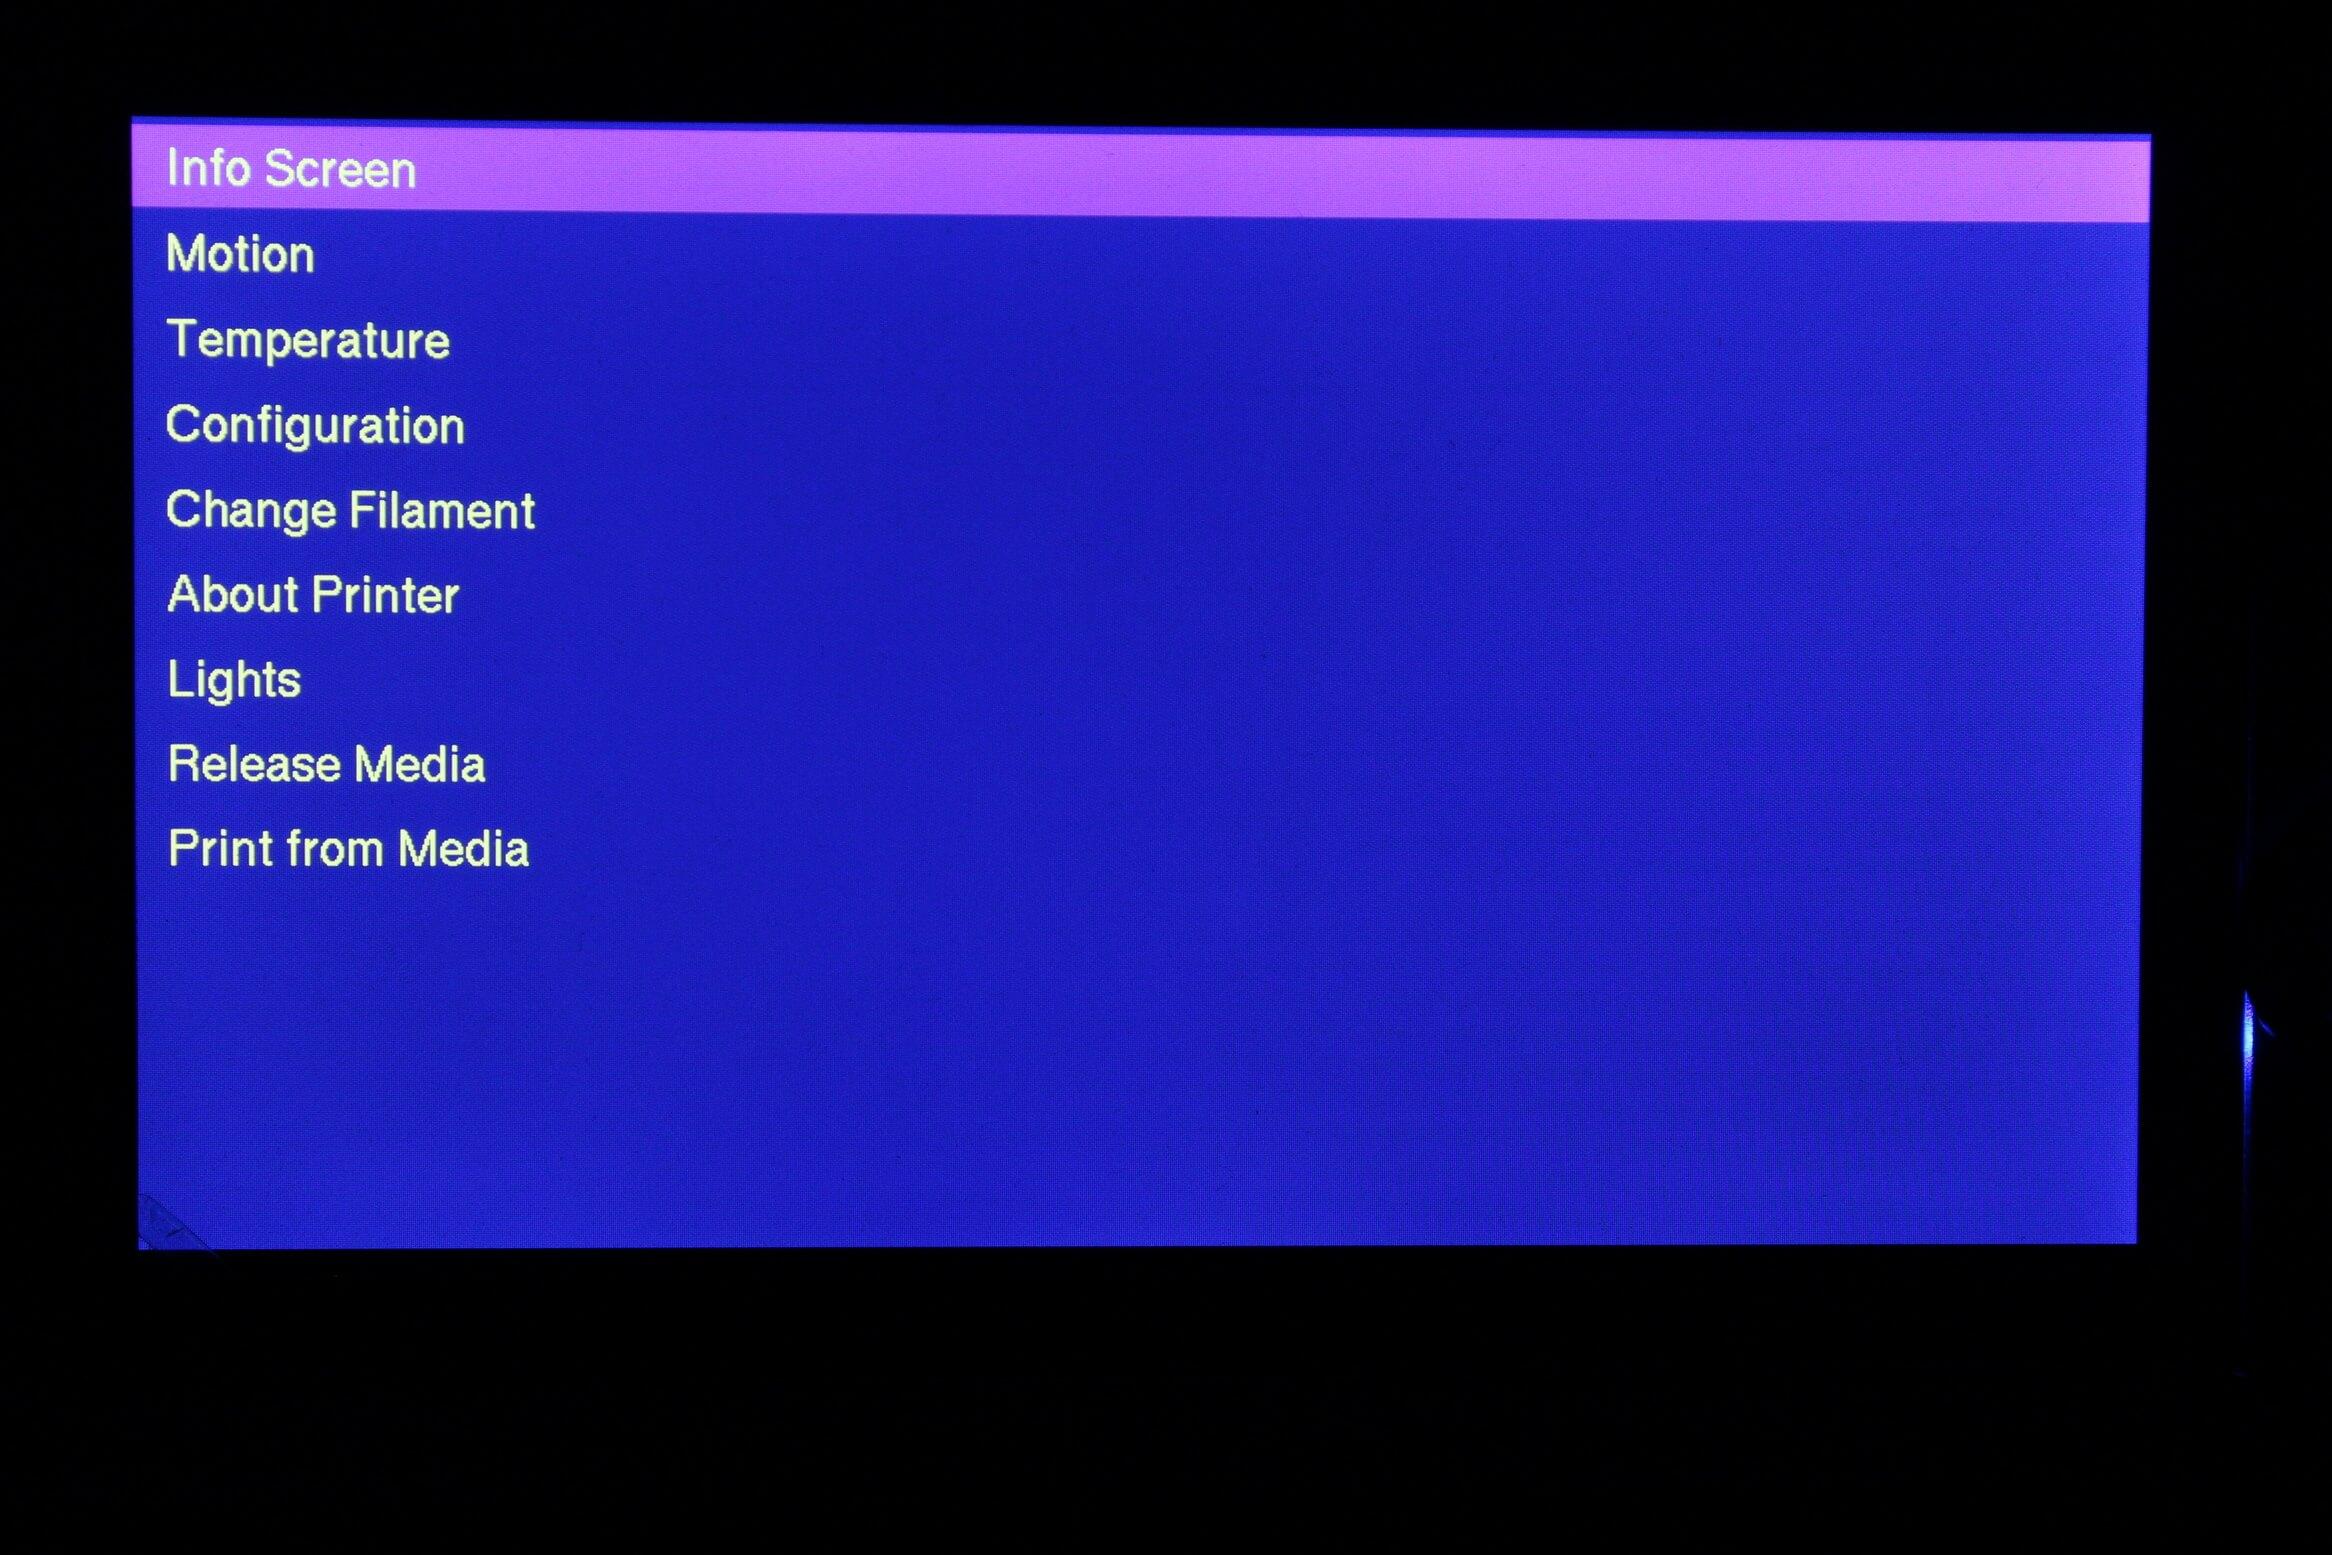 BIQU-BX-Marlin-Screen-Interface-8